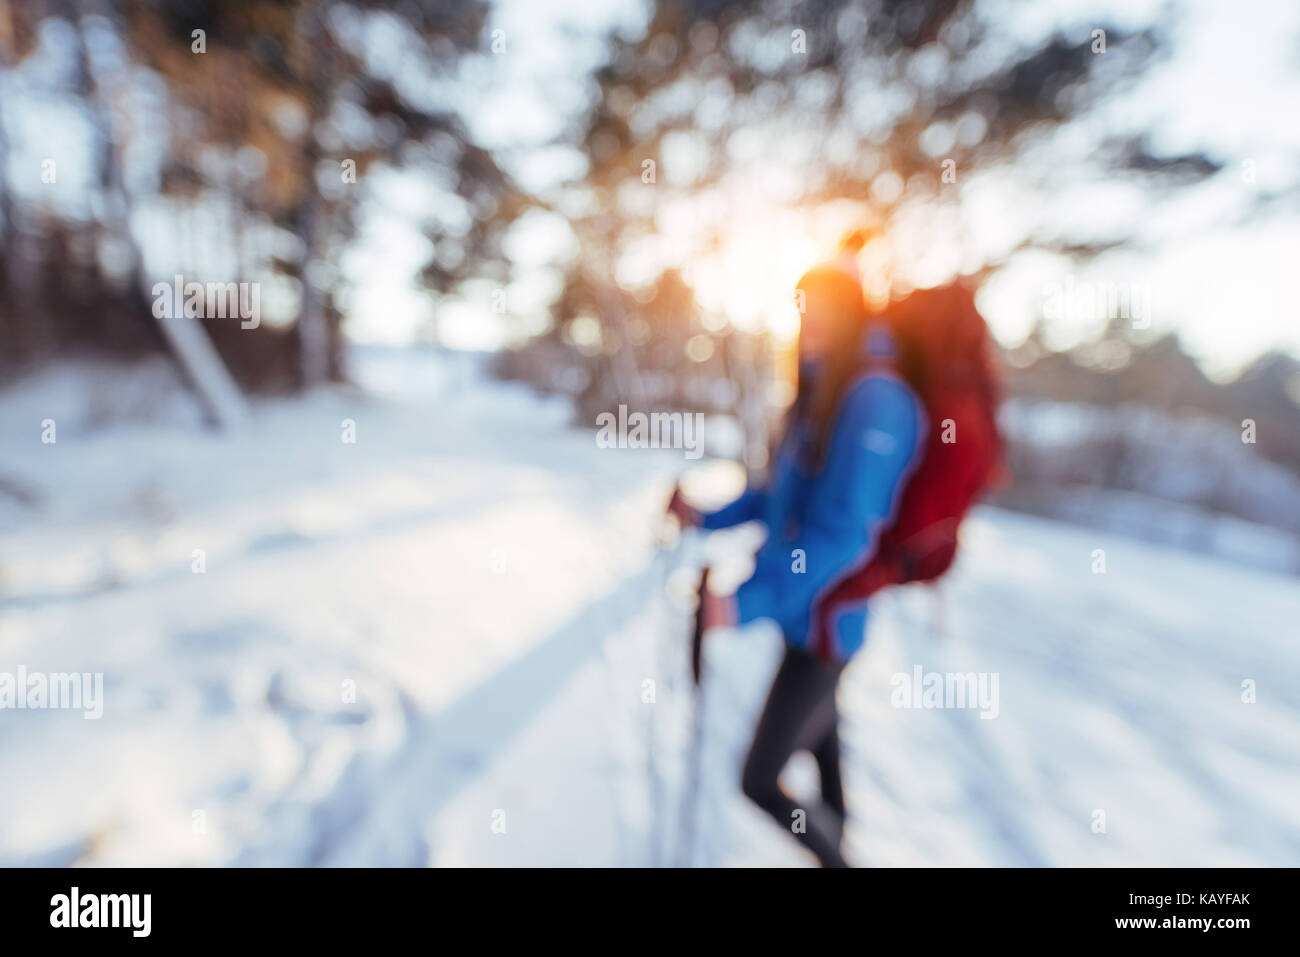 Mujer viajero fuera de foco con mochila de senderismo viajes concepto de aventura en el estilo de vida de vacaciones Imagen De Stock